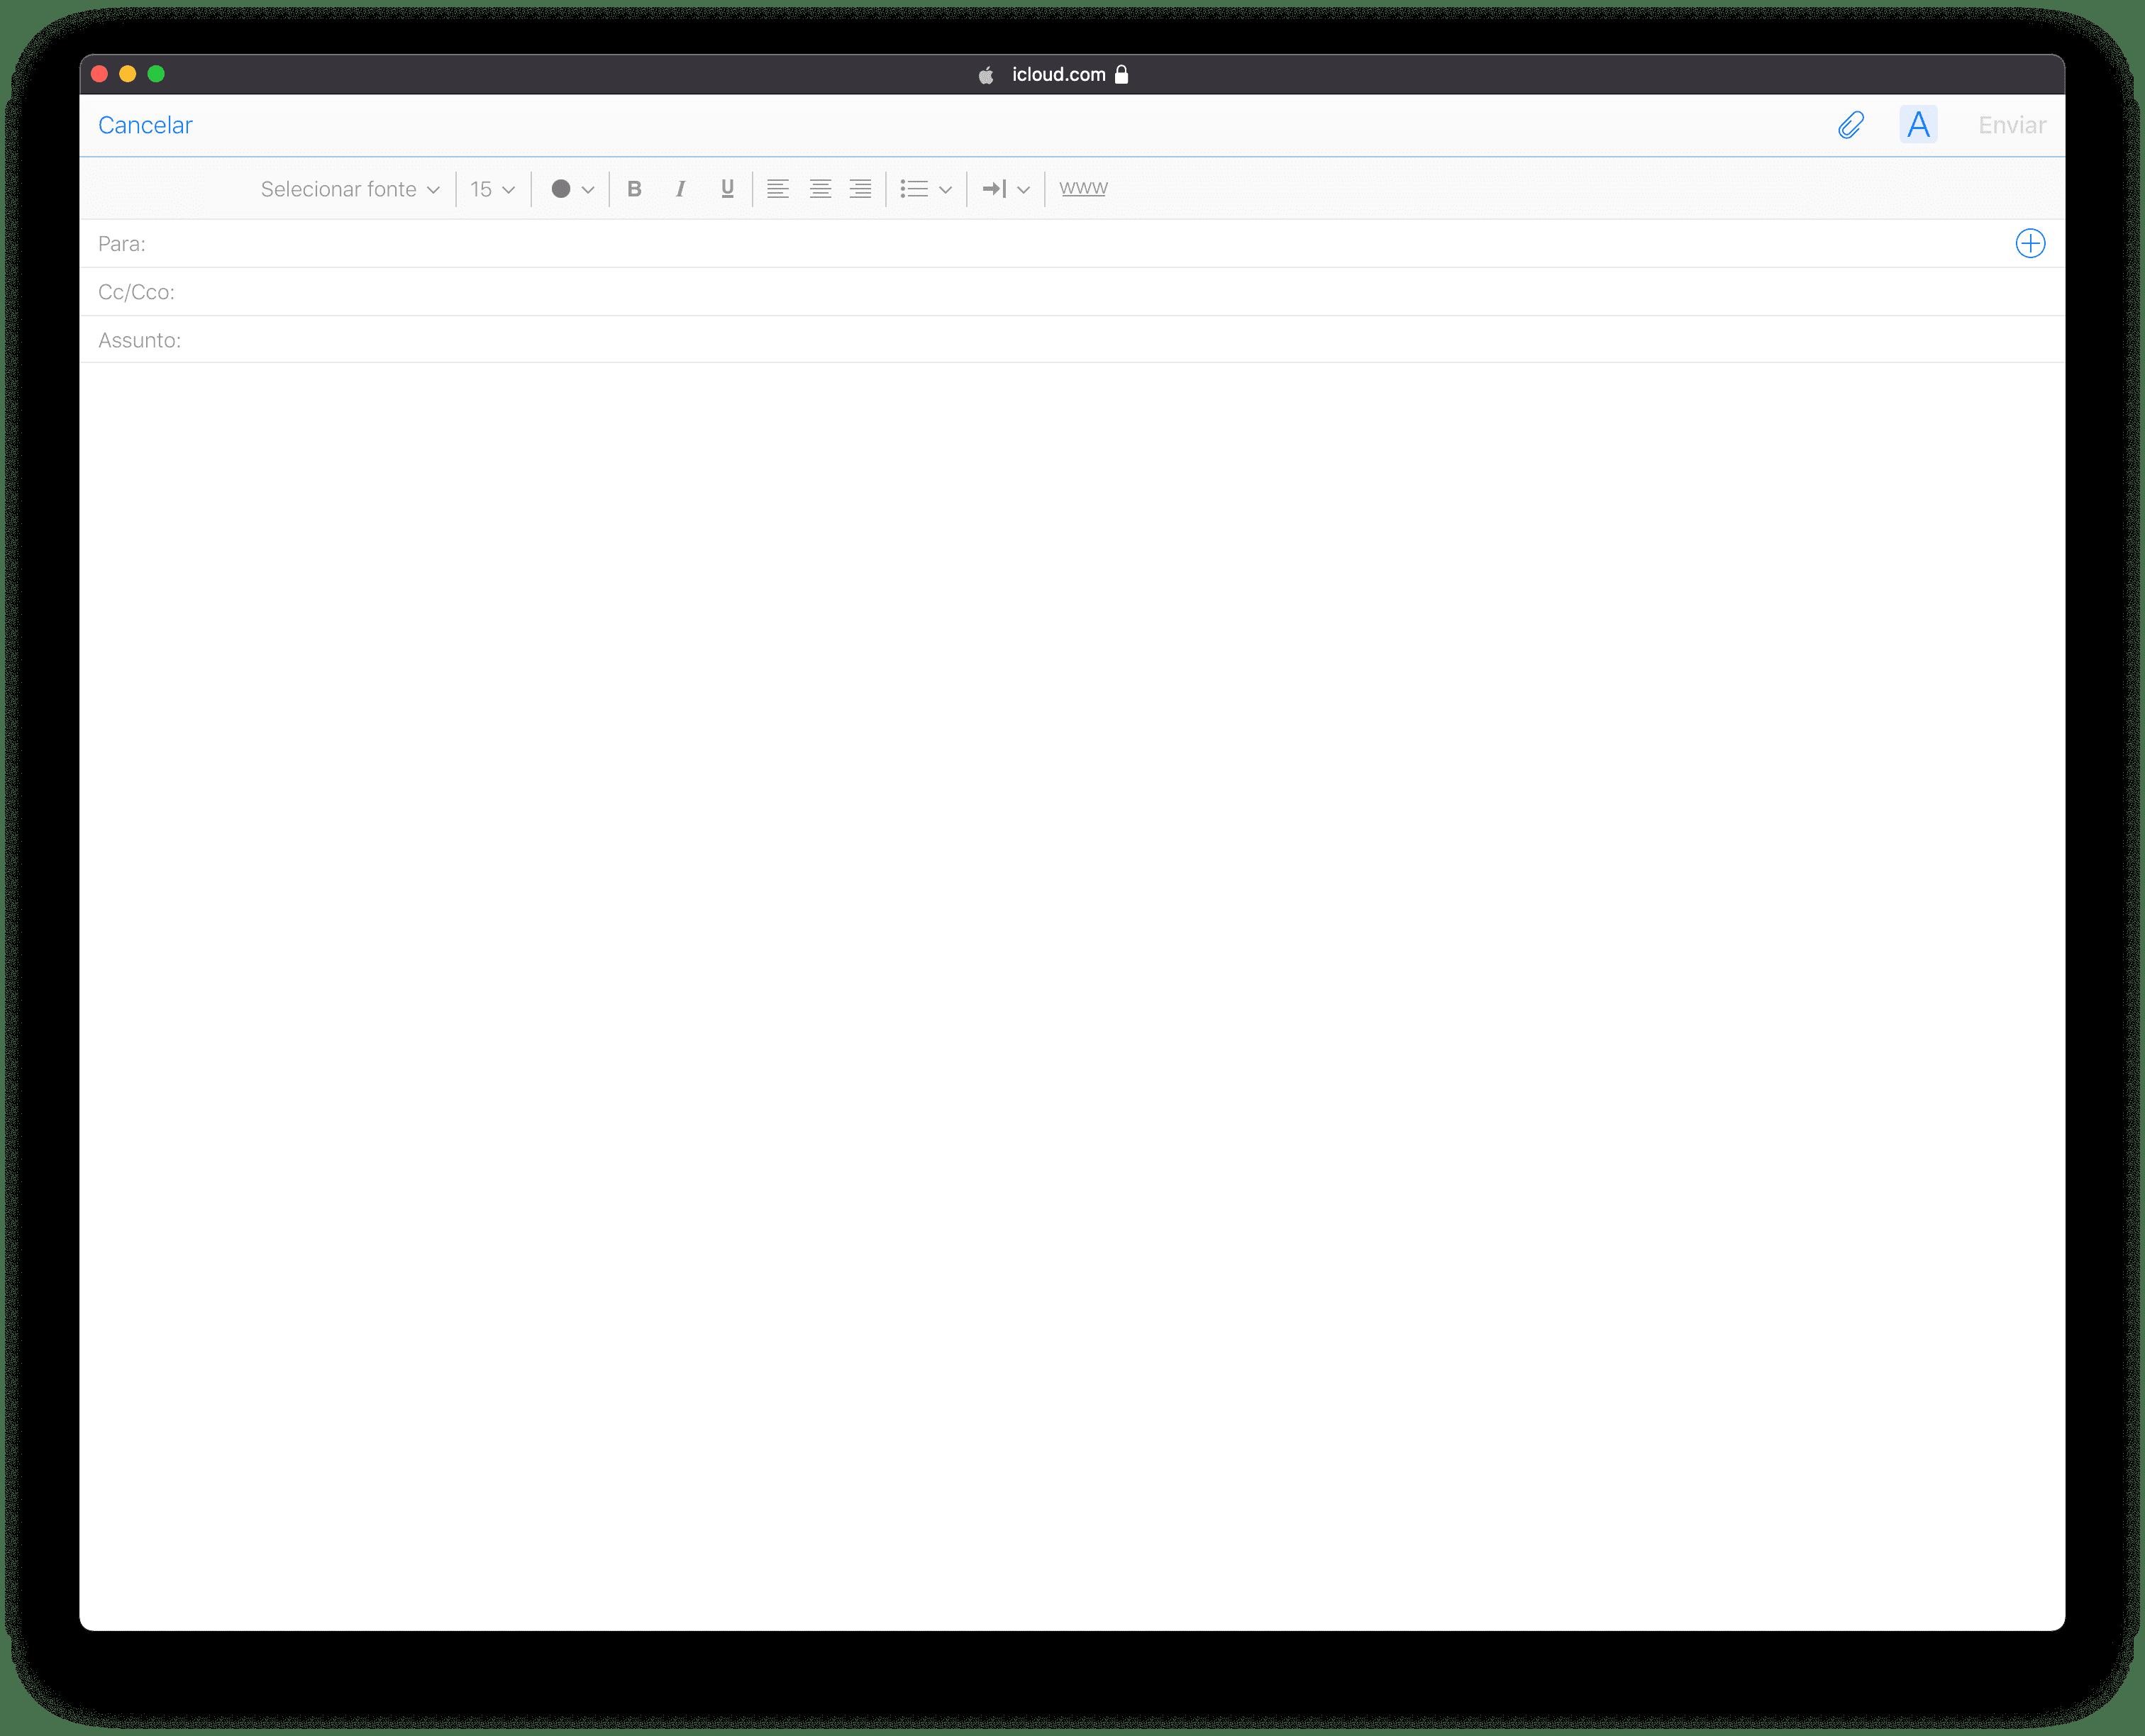 iCloud Mail получил обновленный интерфейс, который сейчас доступен в бета-версии